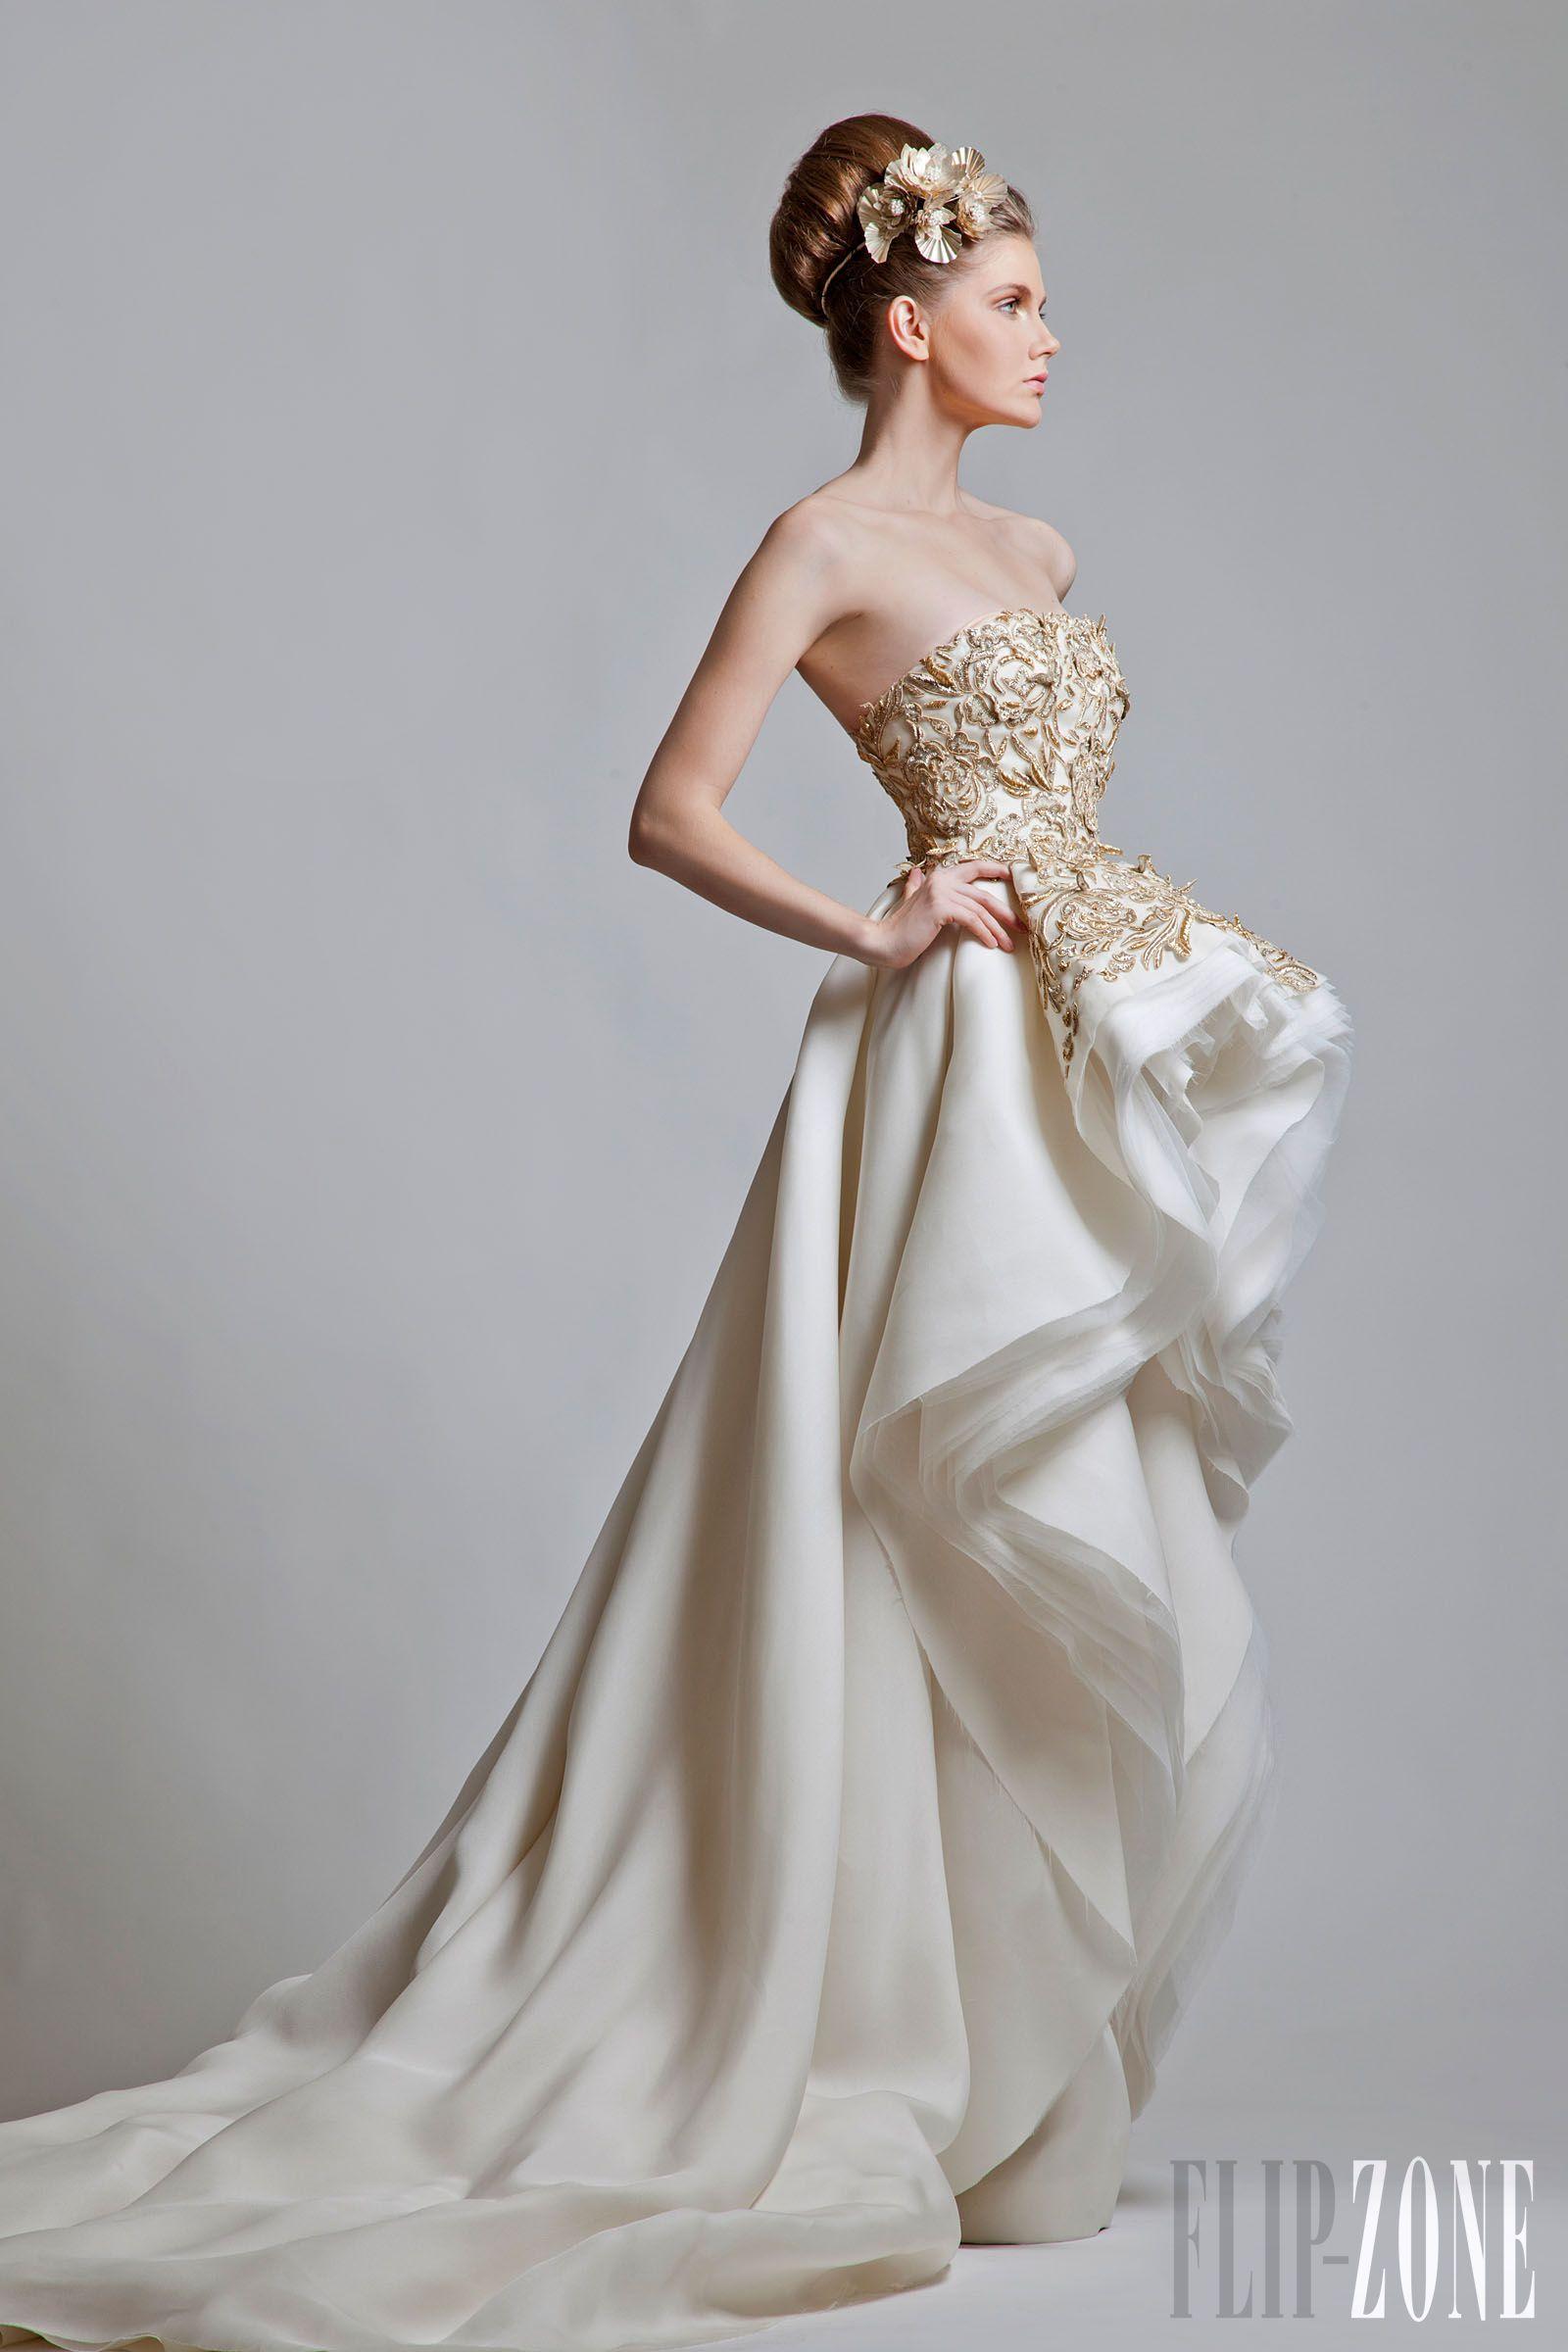 Gold white wedding dress  Krikor Jabotian SpringSummer  Haute Couture  Krikor Jabotian